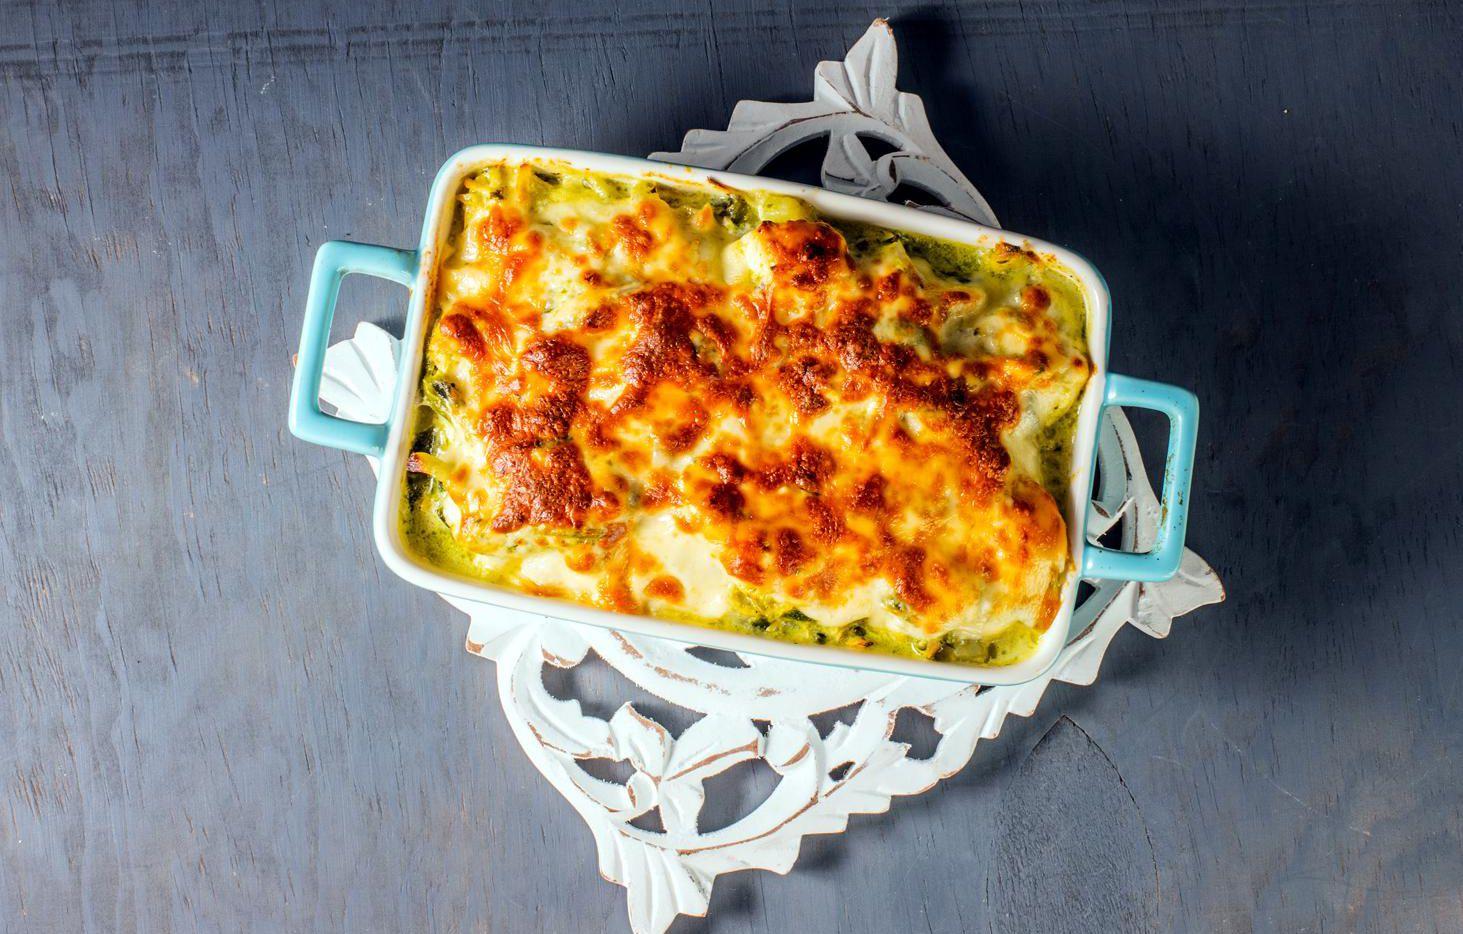 Presentación del pescado al horno con chile poblano y queso gratinado.(AGENCIA REFORMA)